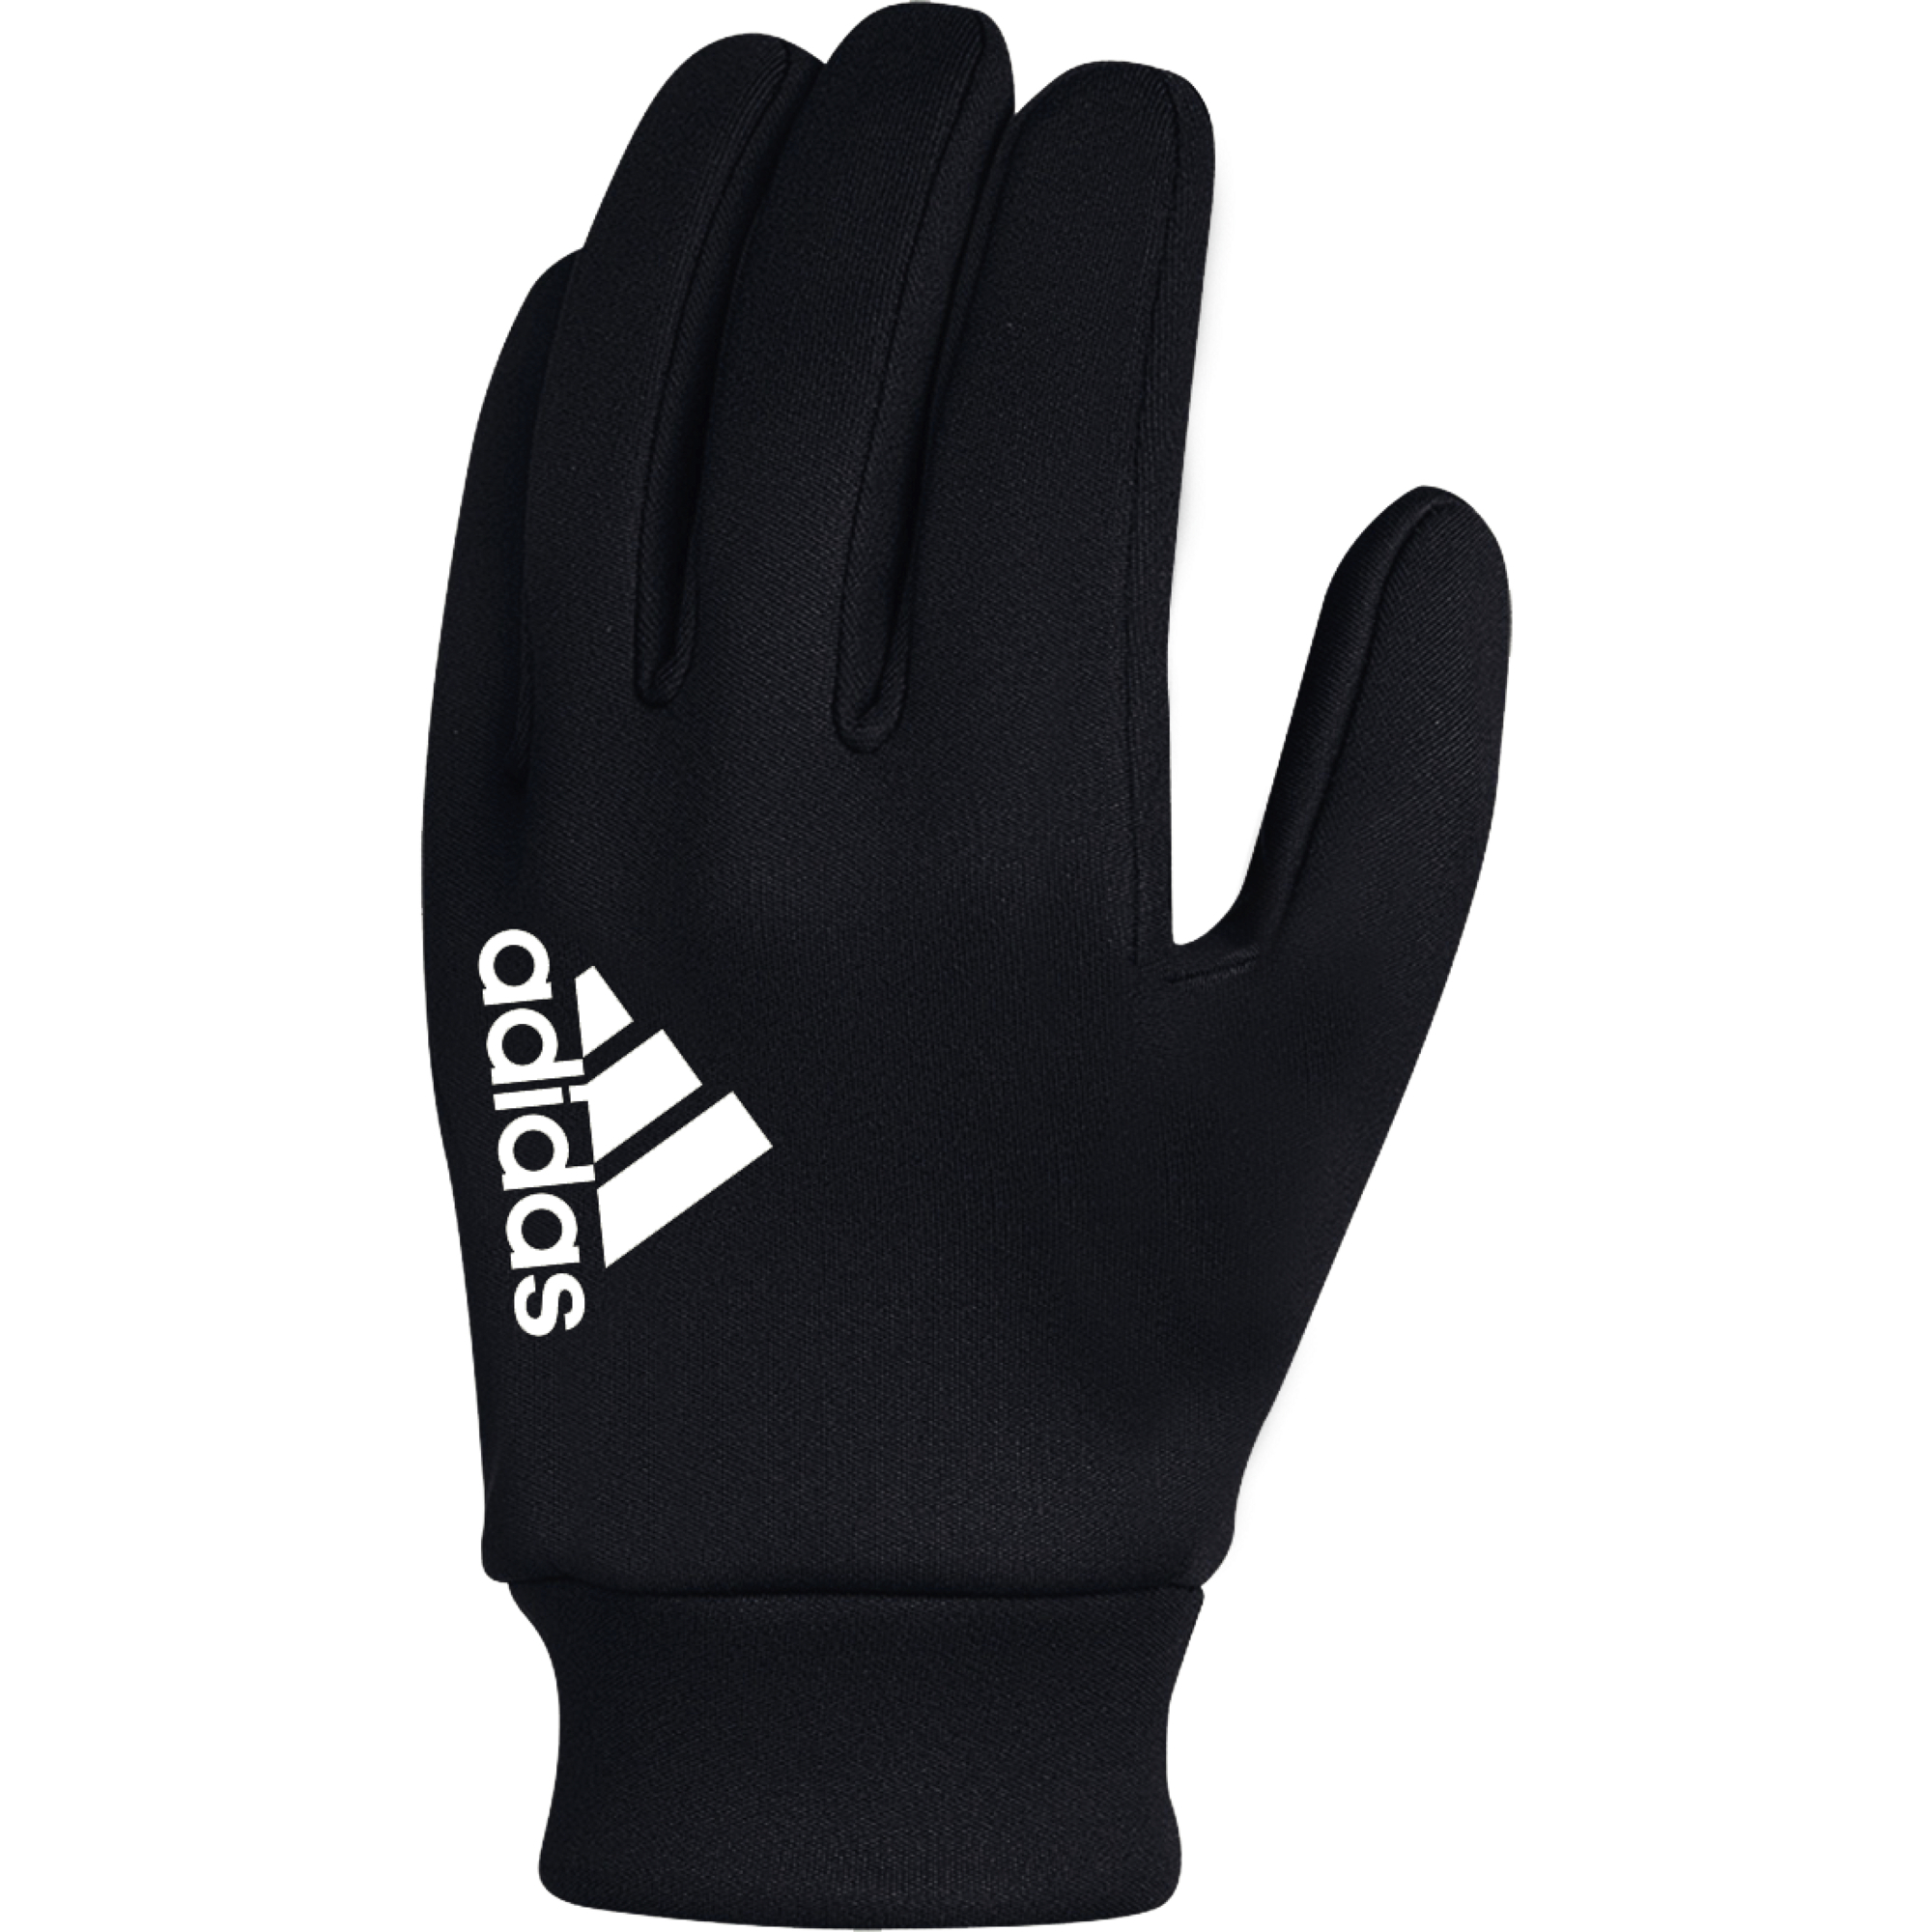 5167fc73e0bc4 rękawiczki adidas Tiro B46135 (1)    timsport.pl - dodatkowe zniżki ...